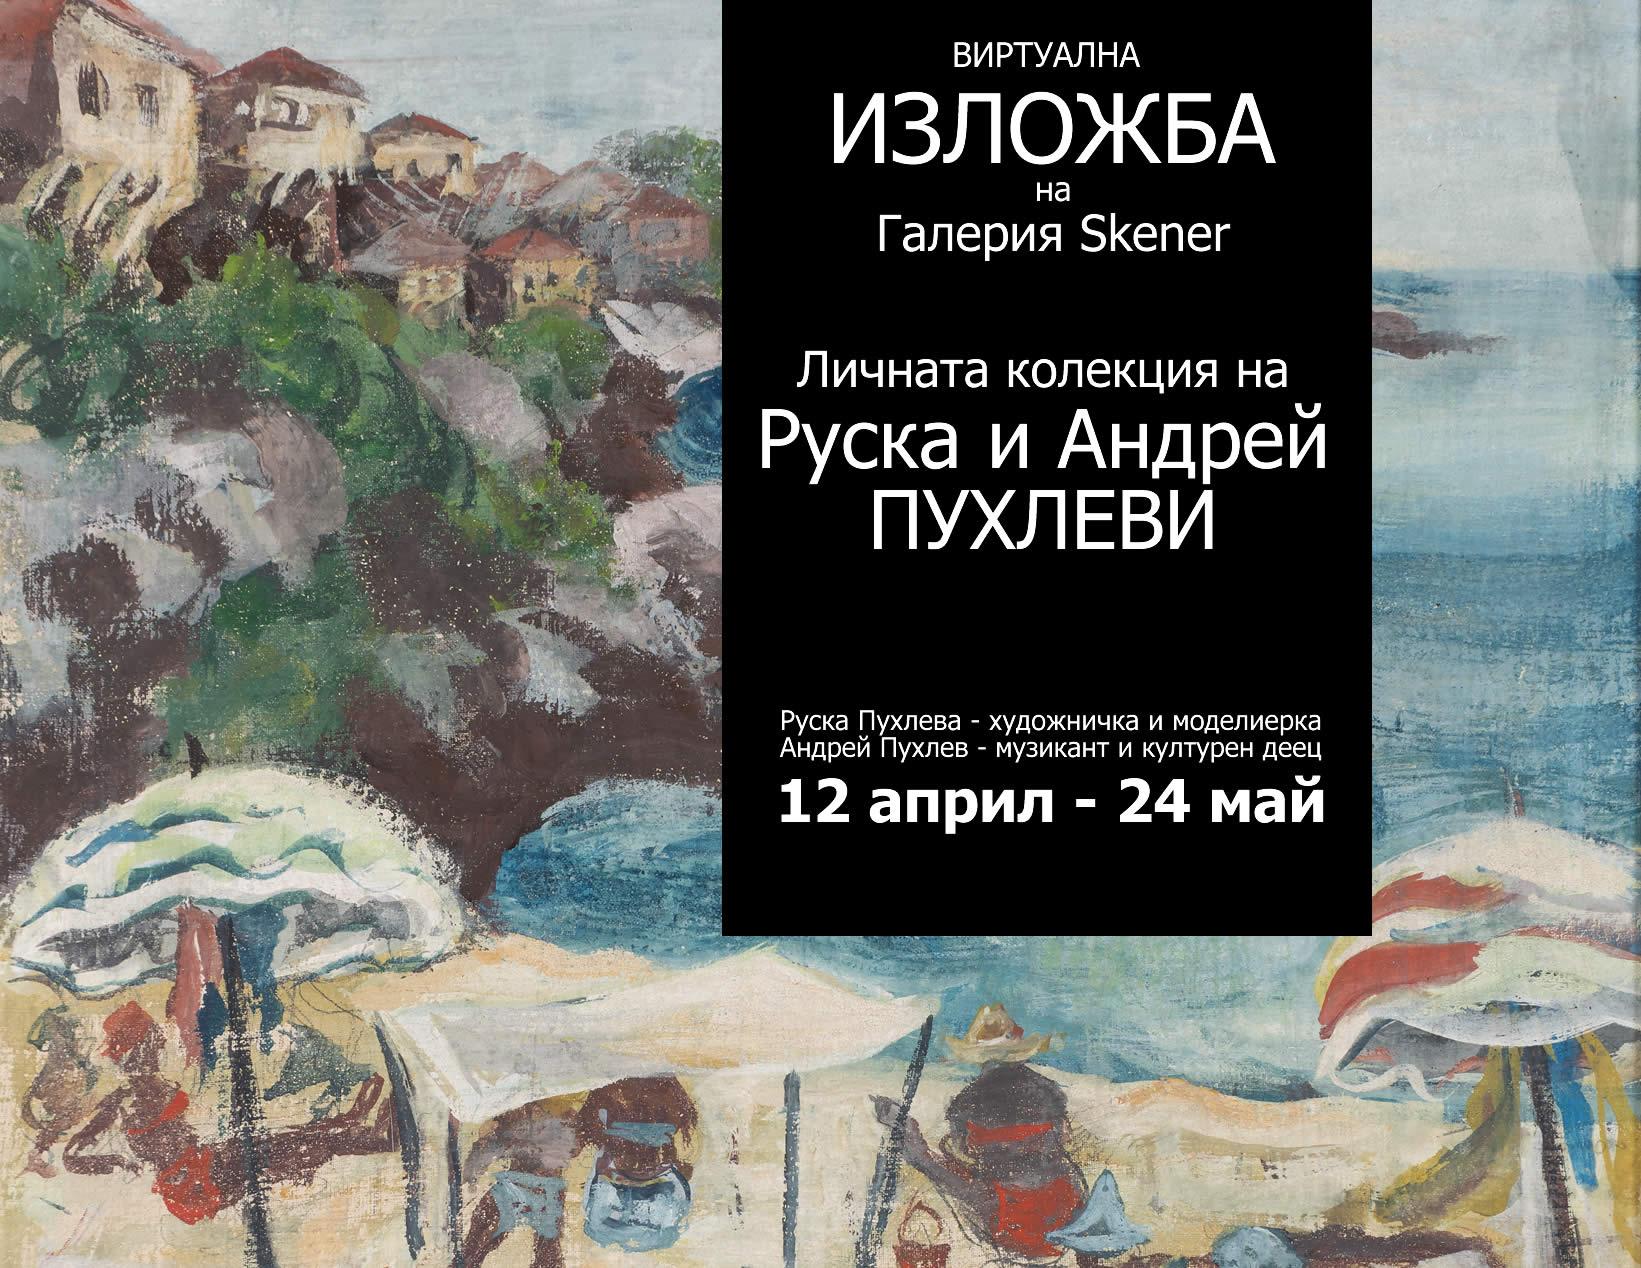 """Виртуална ИЗЛОЖБА """"Личната колекция на Руска и Андрей Пухлеви"""" от 12 април до 24 май"""